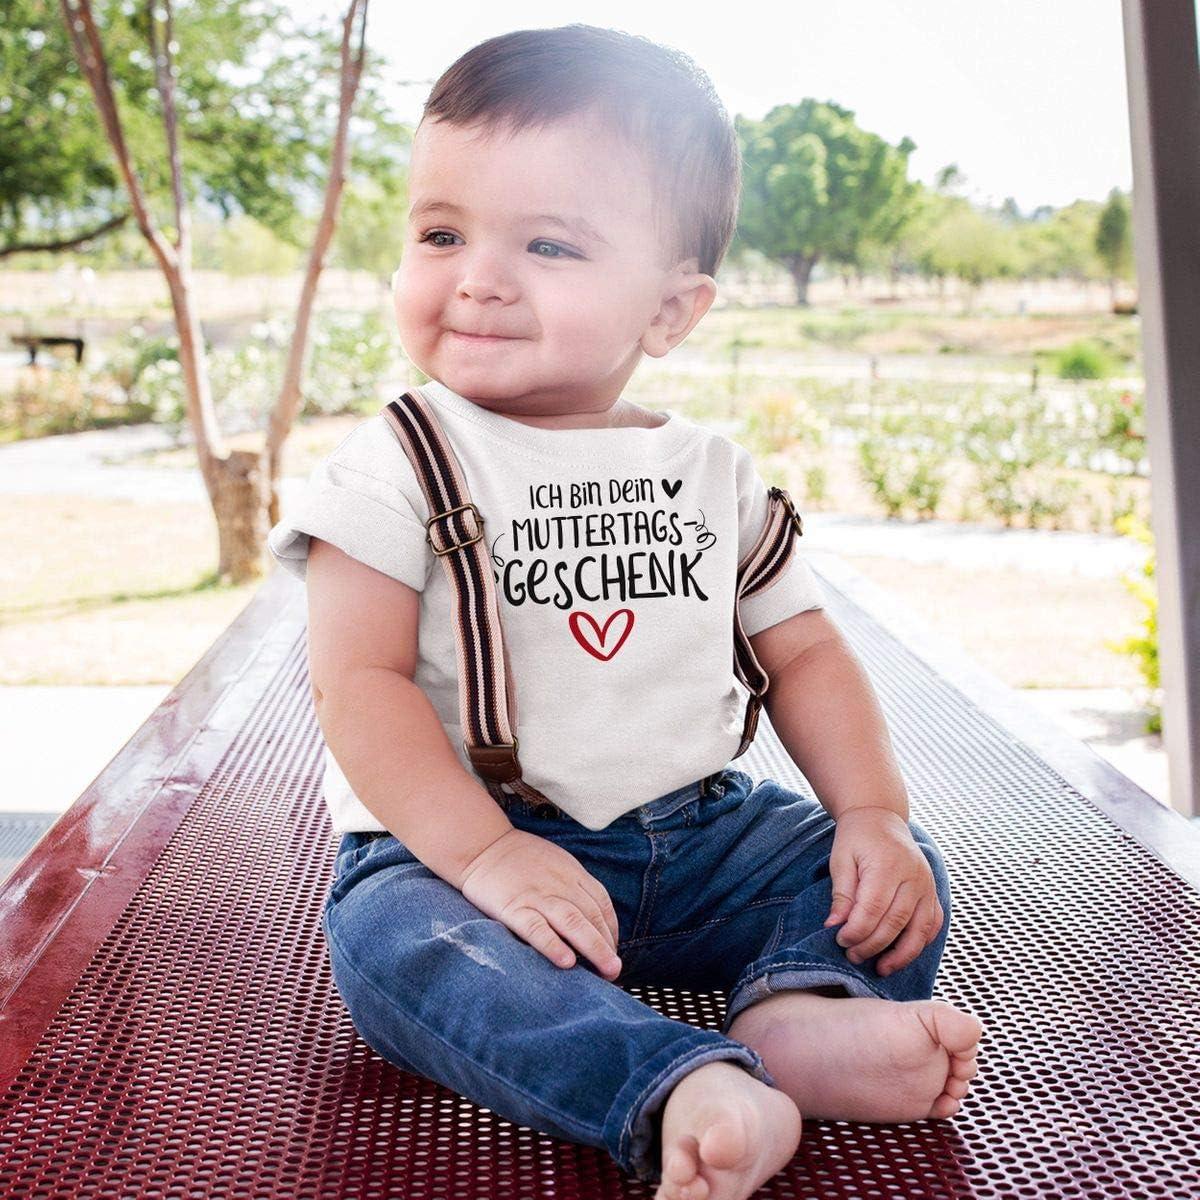 handbedruckt in Deutschland Mikalino Baby//Kinder T-Shirt mit Spruch f/ür Jungen M/ädchen Unisex Kurzarm Ich Bin Dein Muttertagsgeschenk